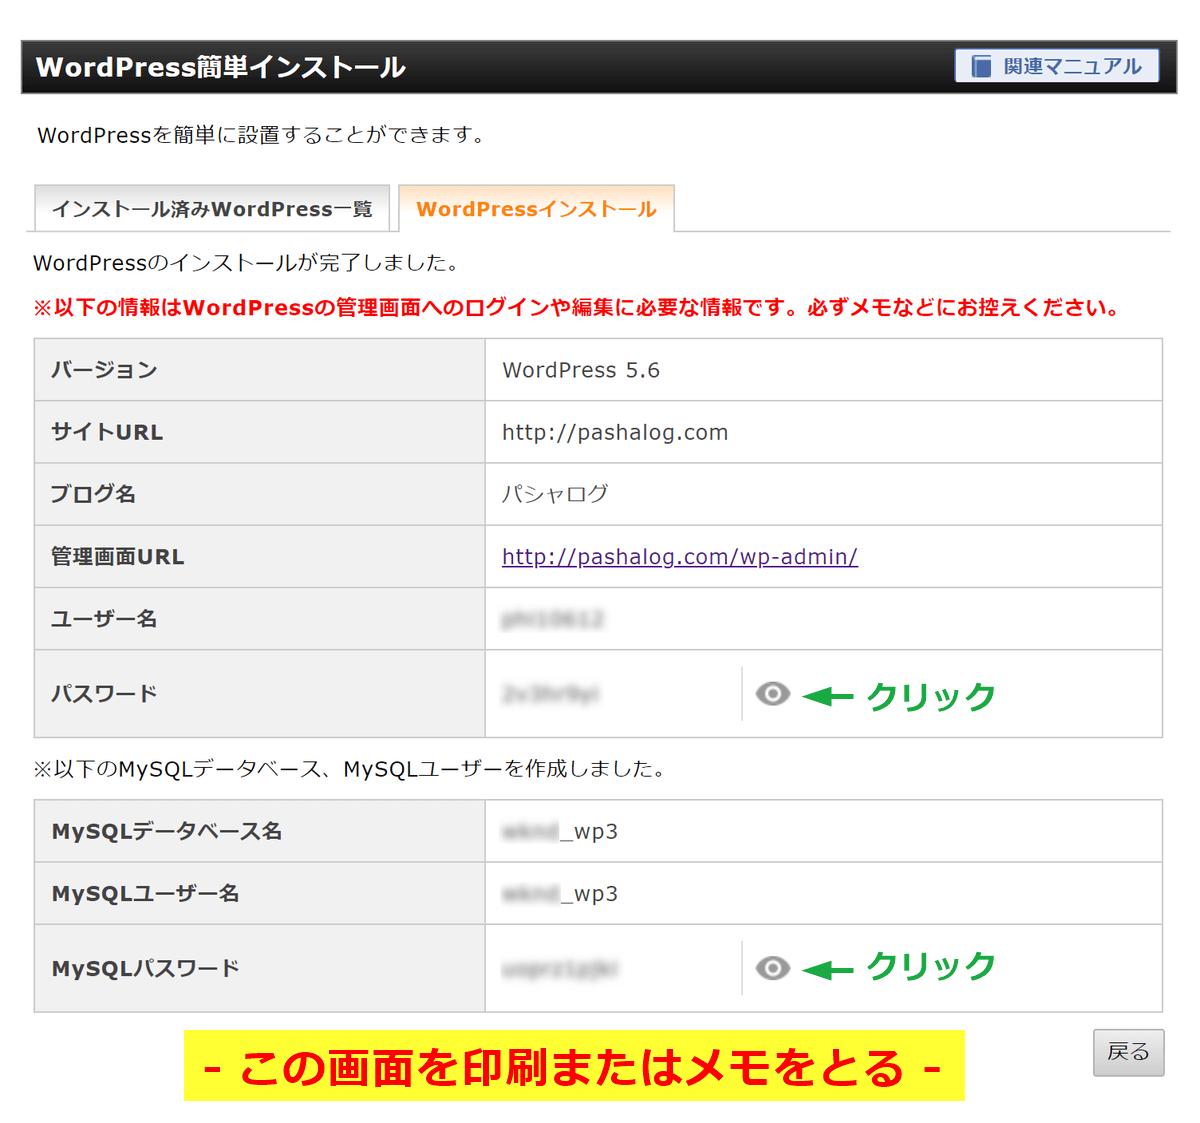 エックスサーバー、WordPress簡単インストールの設定を印刷する